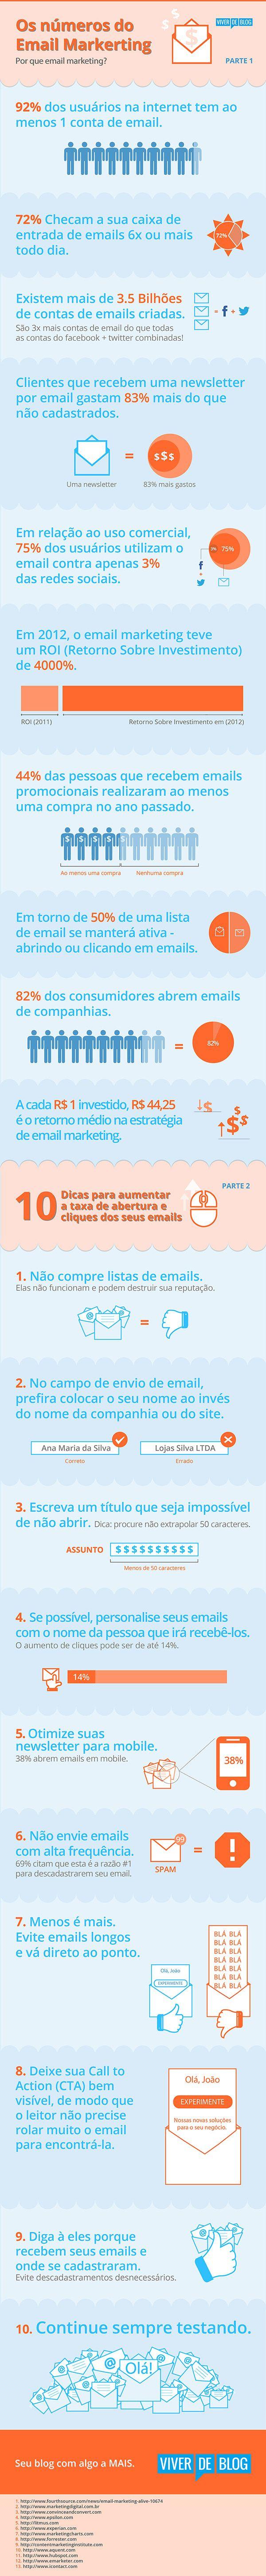 Os números do email marketing e dicas para melhorar sua estratégia (dica do @Henrique Carvalho)